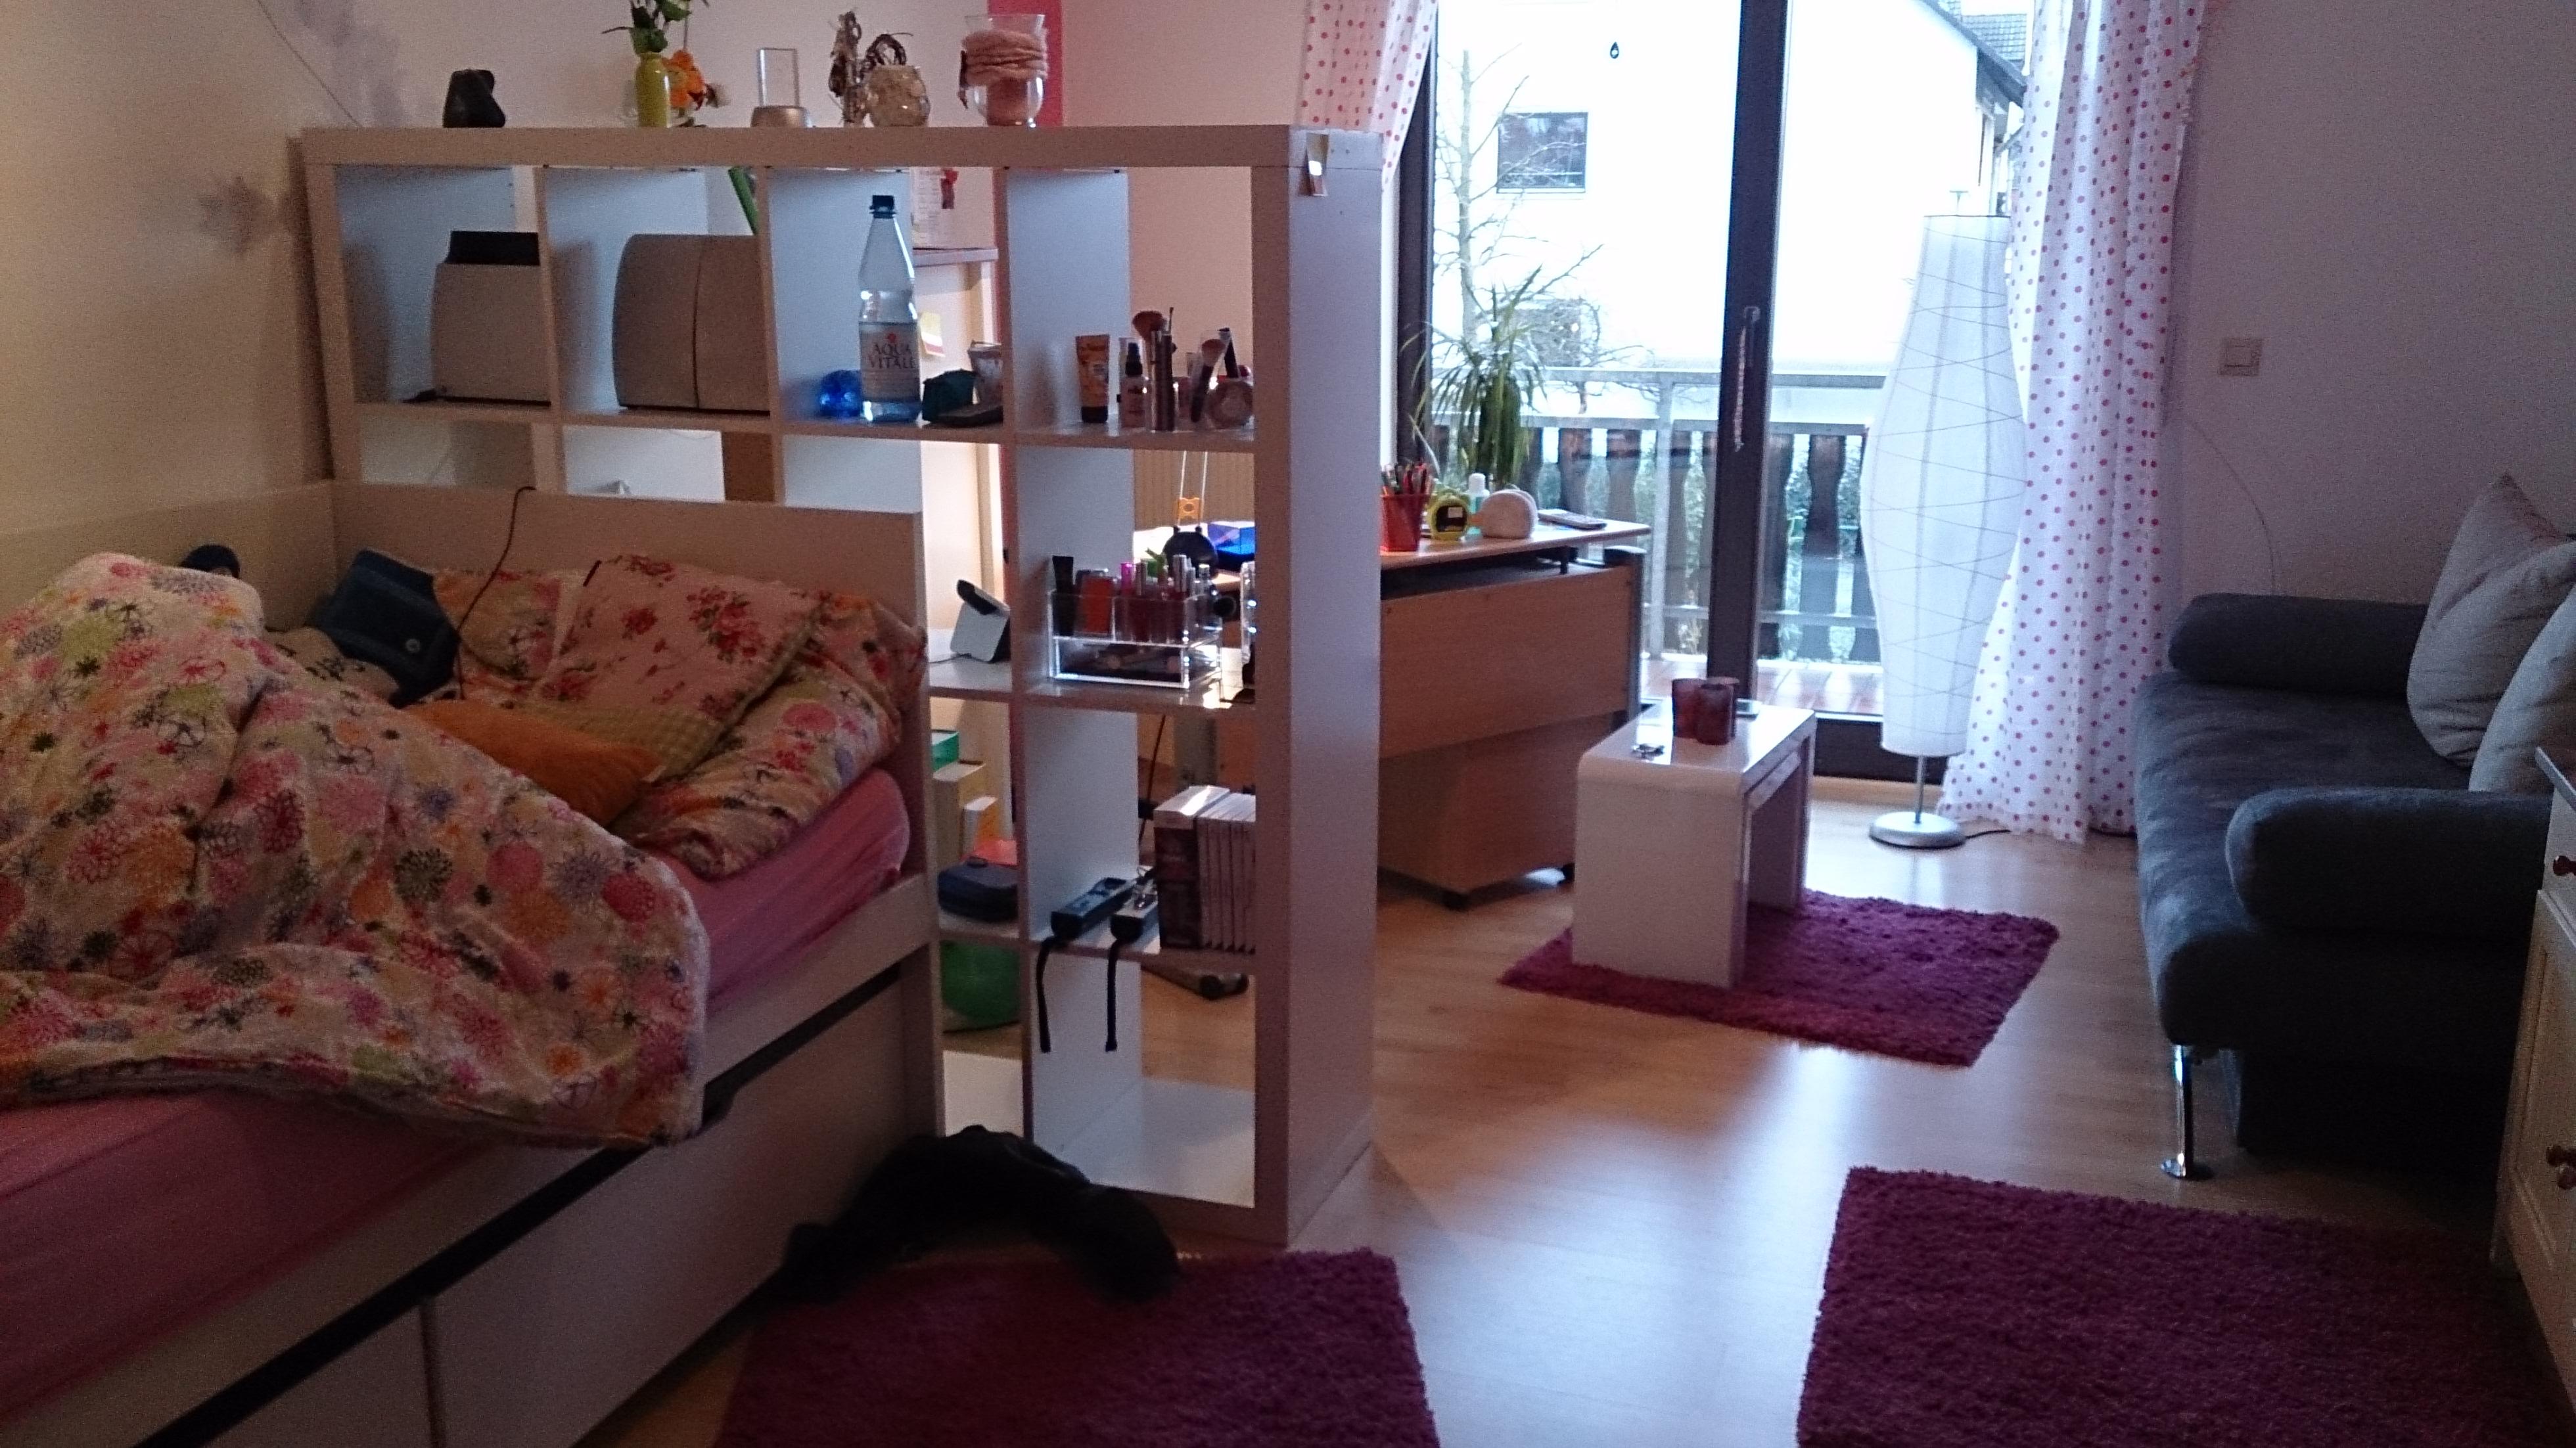 kleines zimmer bild kleines beispiele fabelhafte tapete modernes design mit holz nachttisch. Black Bedroom Furniture Sets. Home Design Ideas